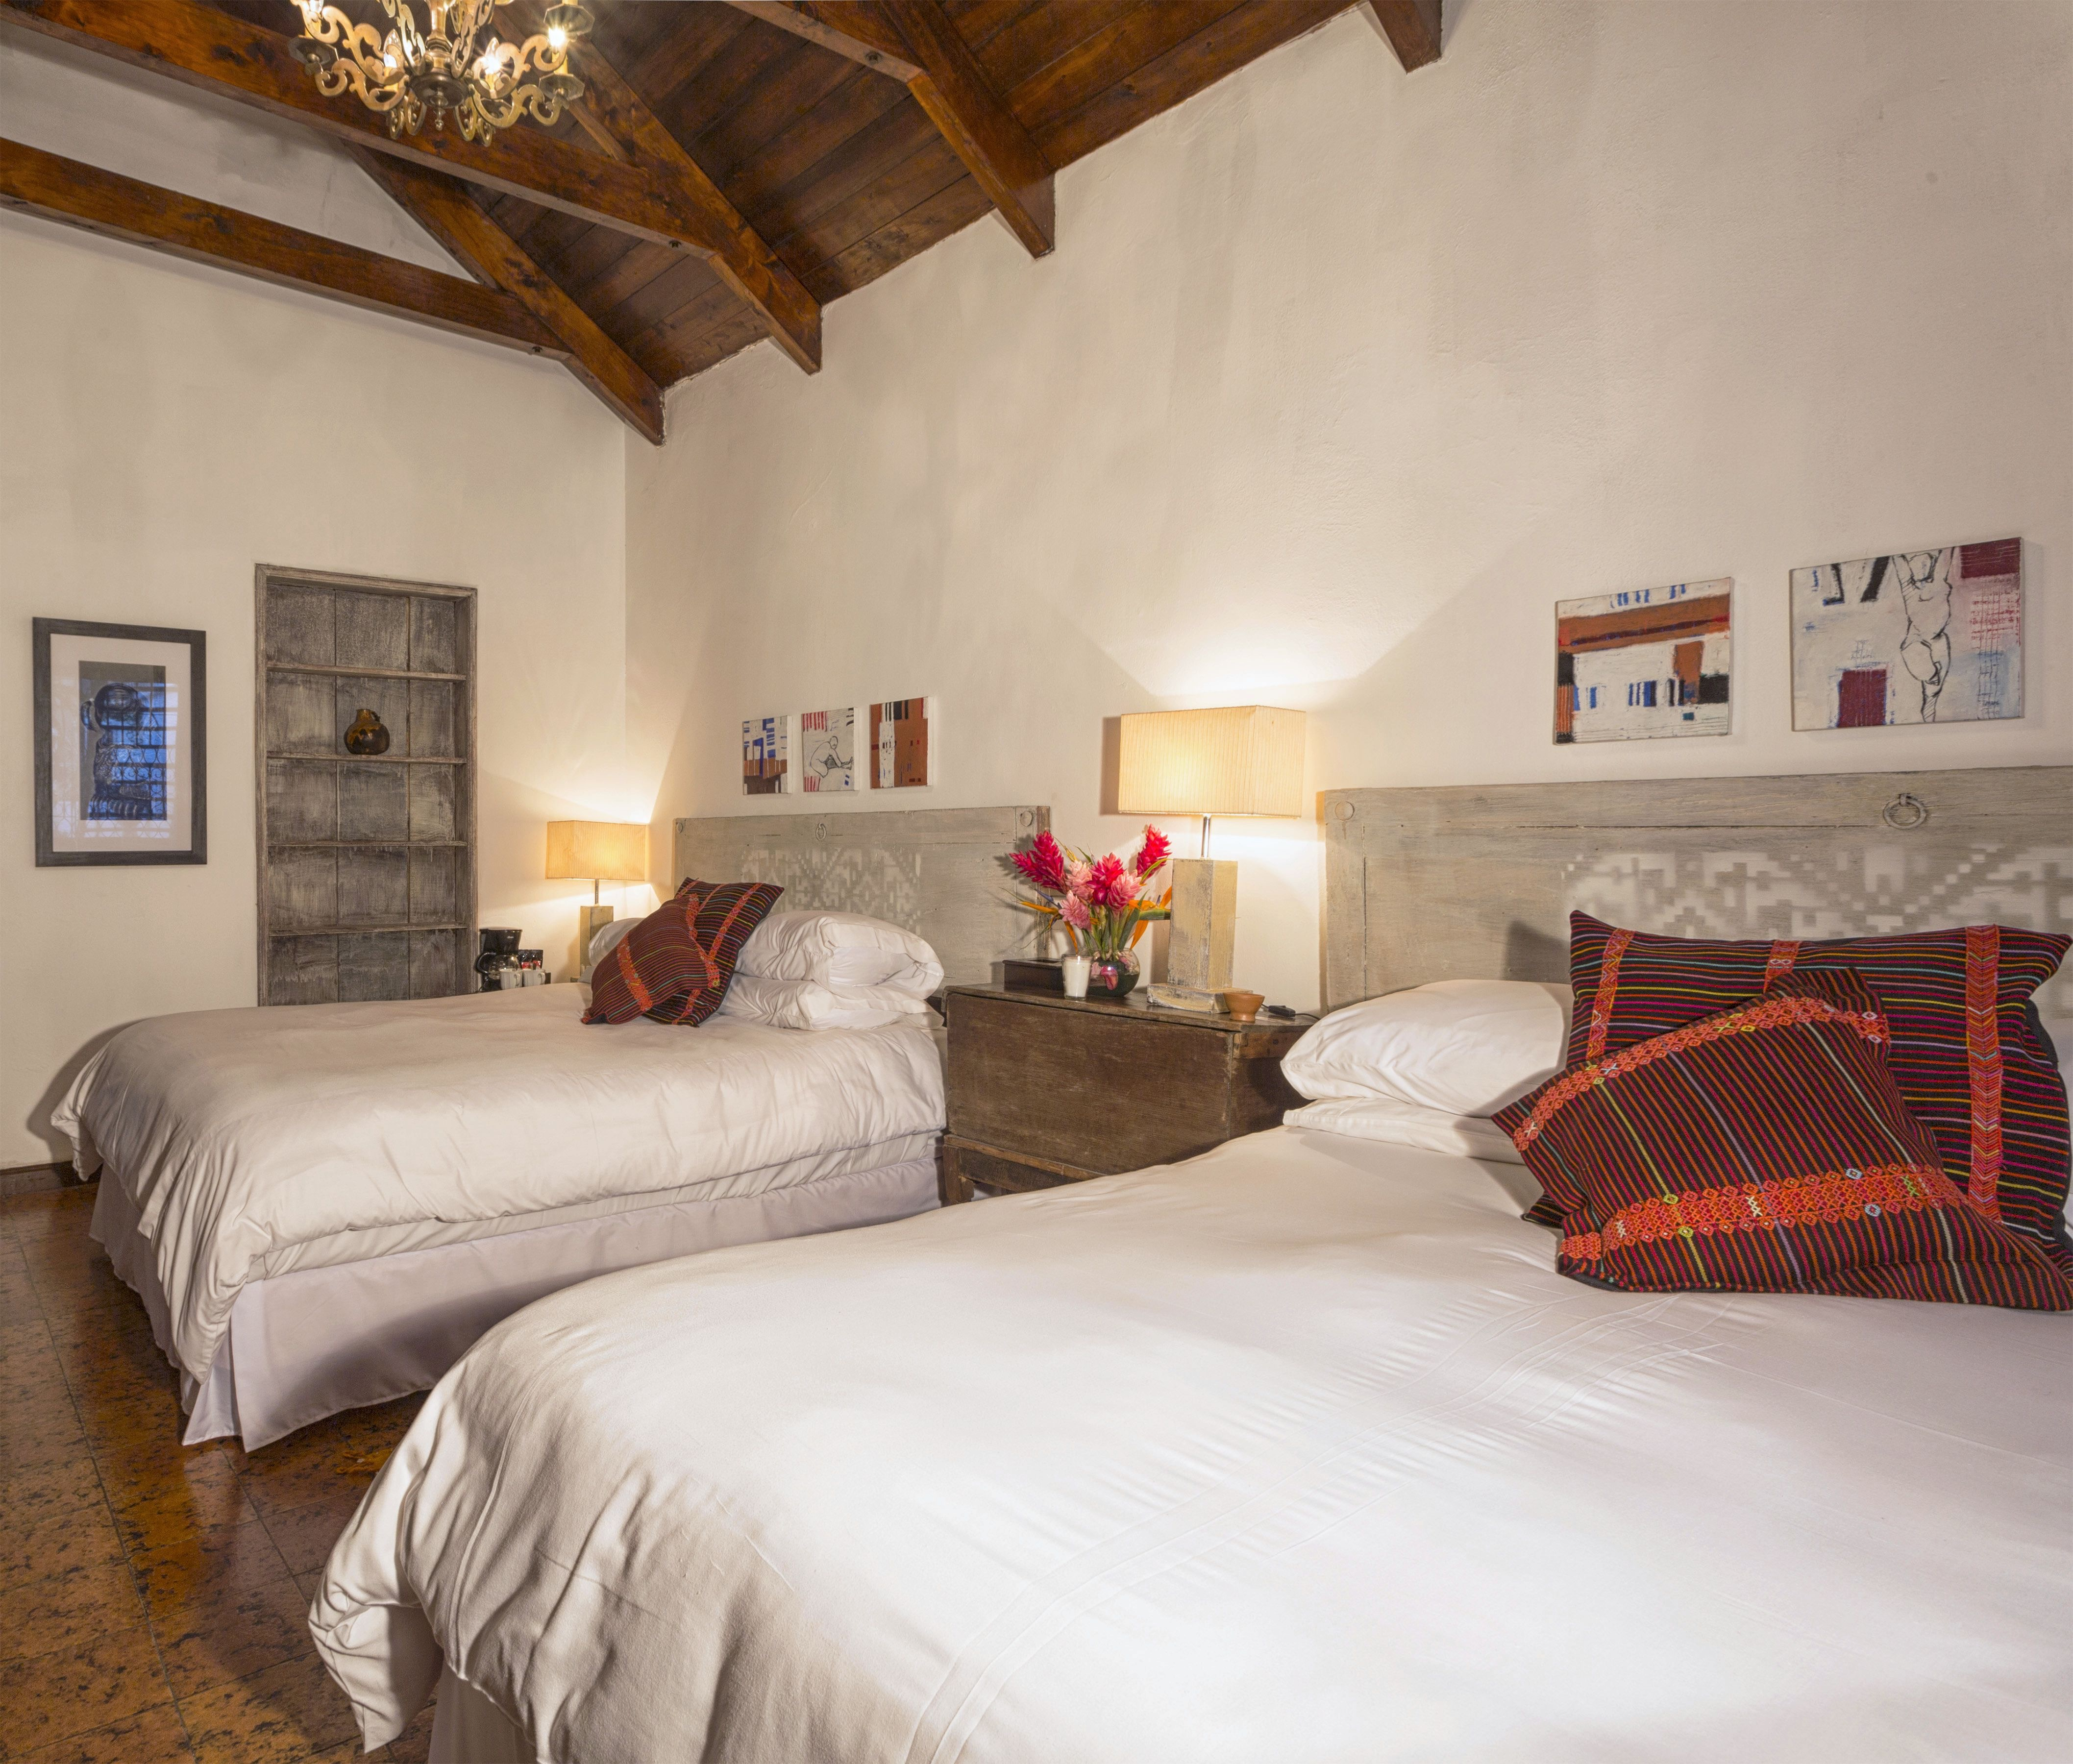 Room #4C Palo-Santo